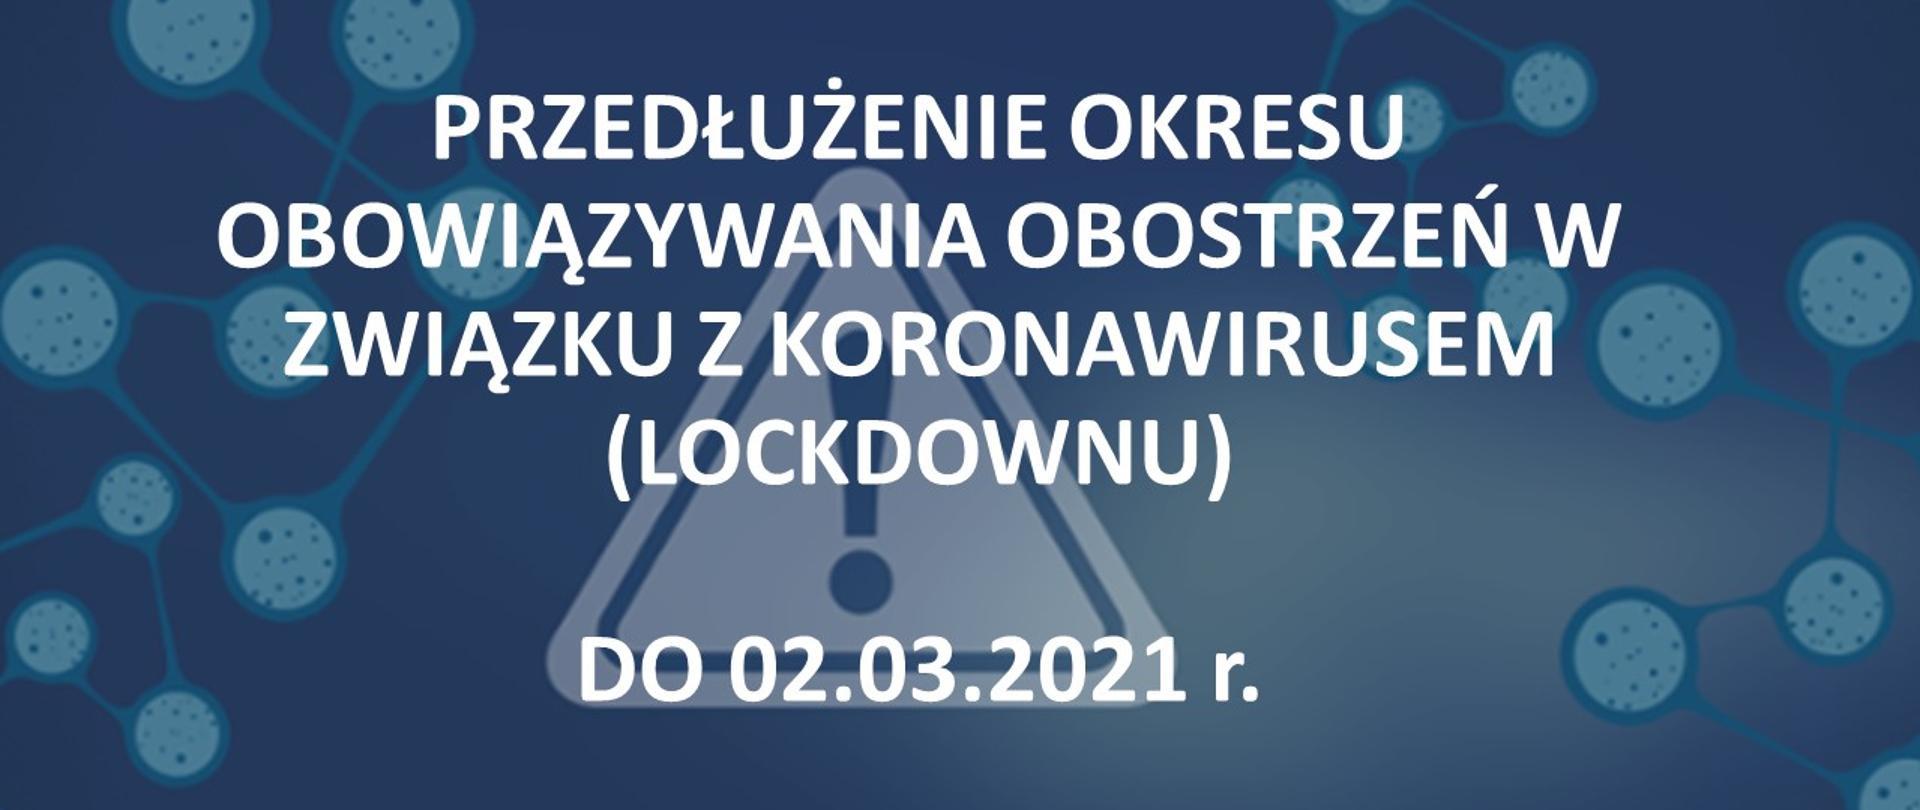 W holandii strony polskie Pozycjonowanie stron